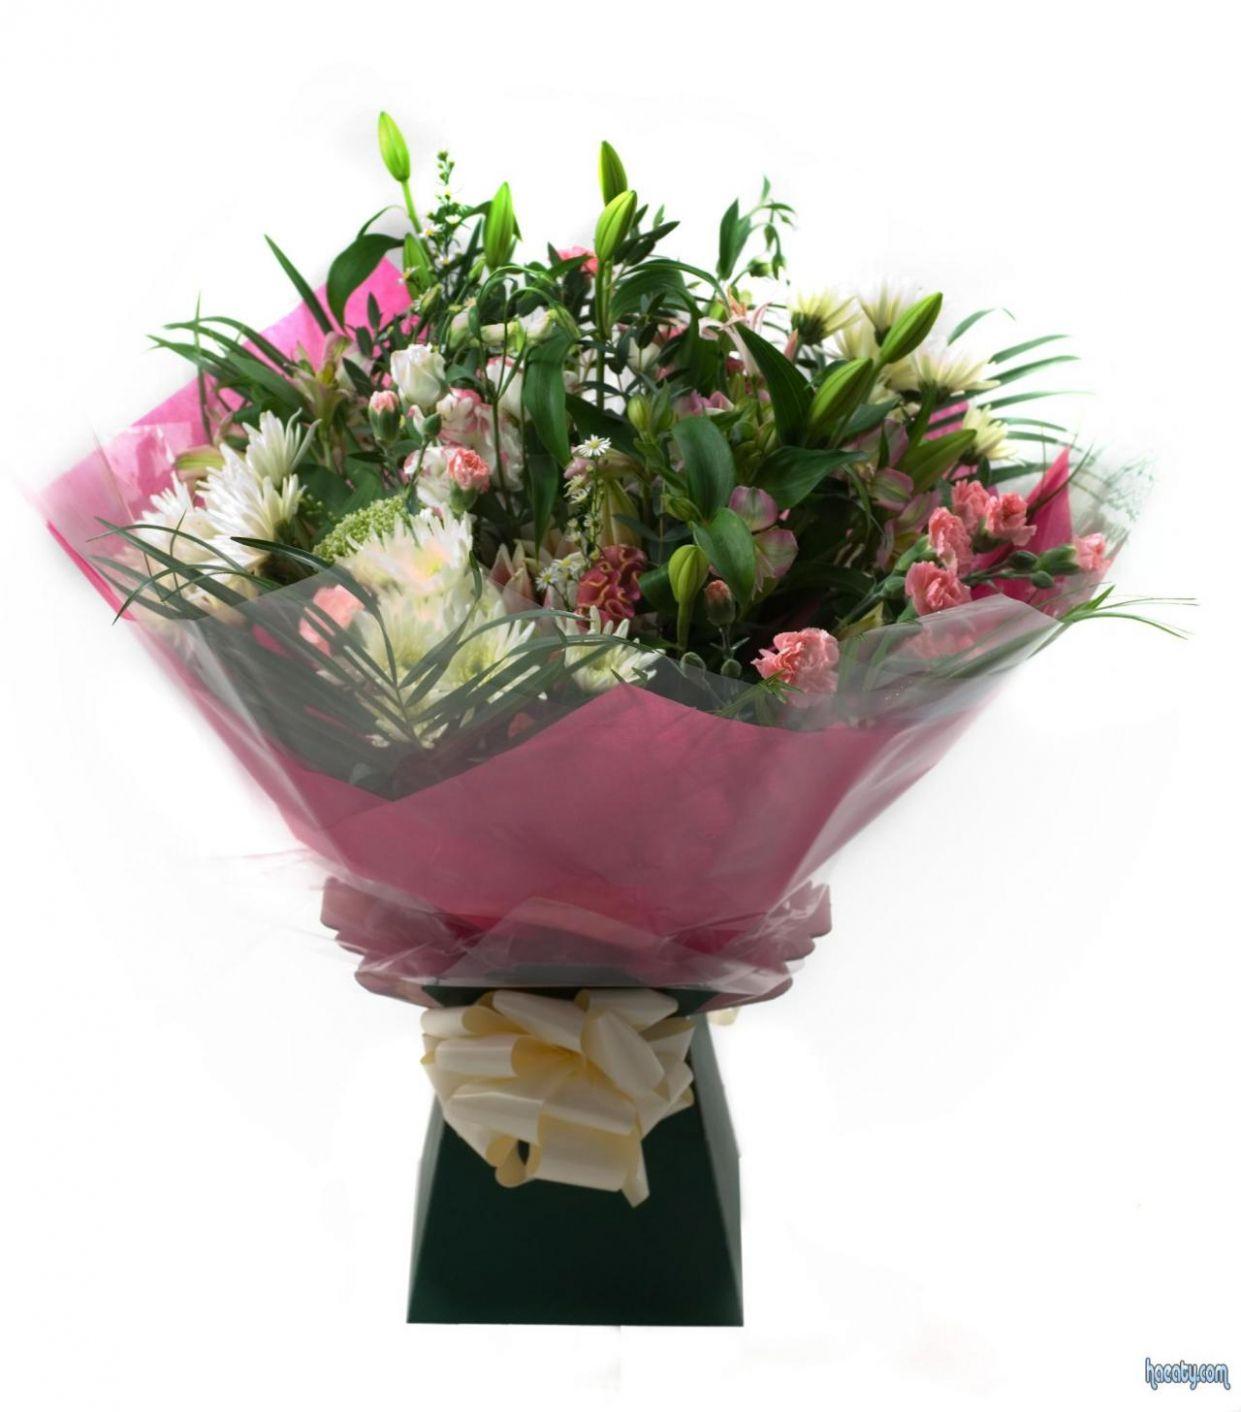 عشرة أشياء يجب معرفتها عن احلى باقات زهور للاحباب والاولاد احلى باقات زهور للاحباب والاولاد Wedding Flowers Flowers Plants